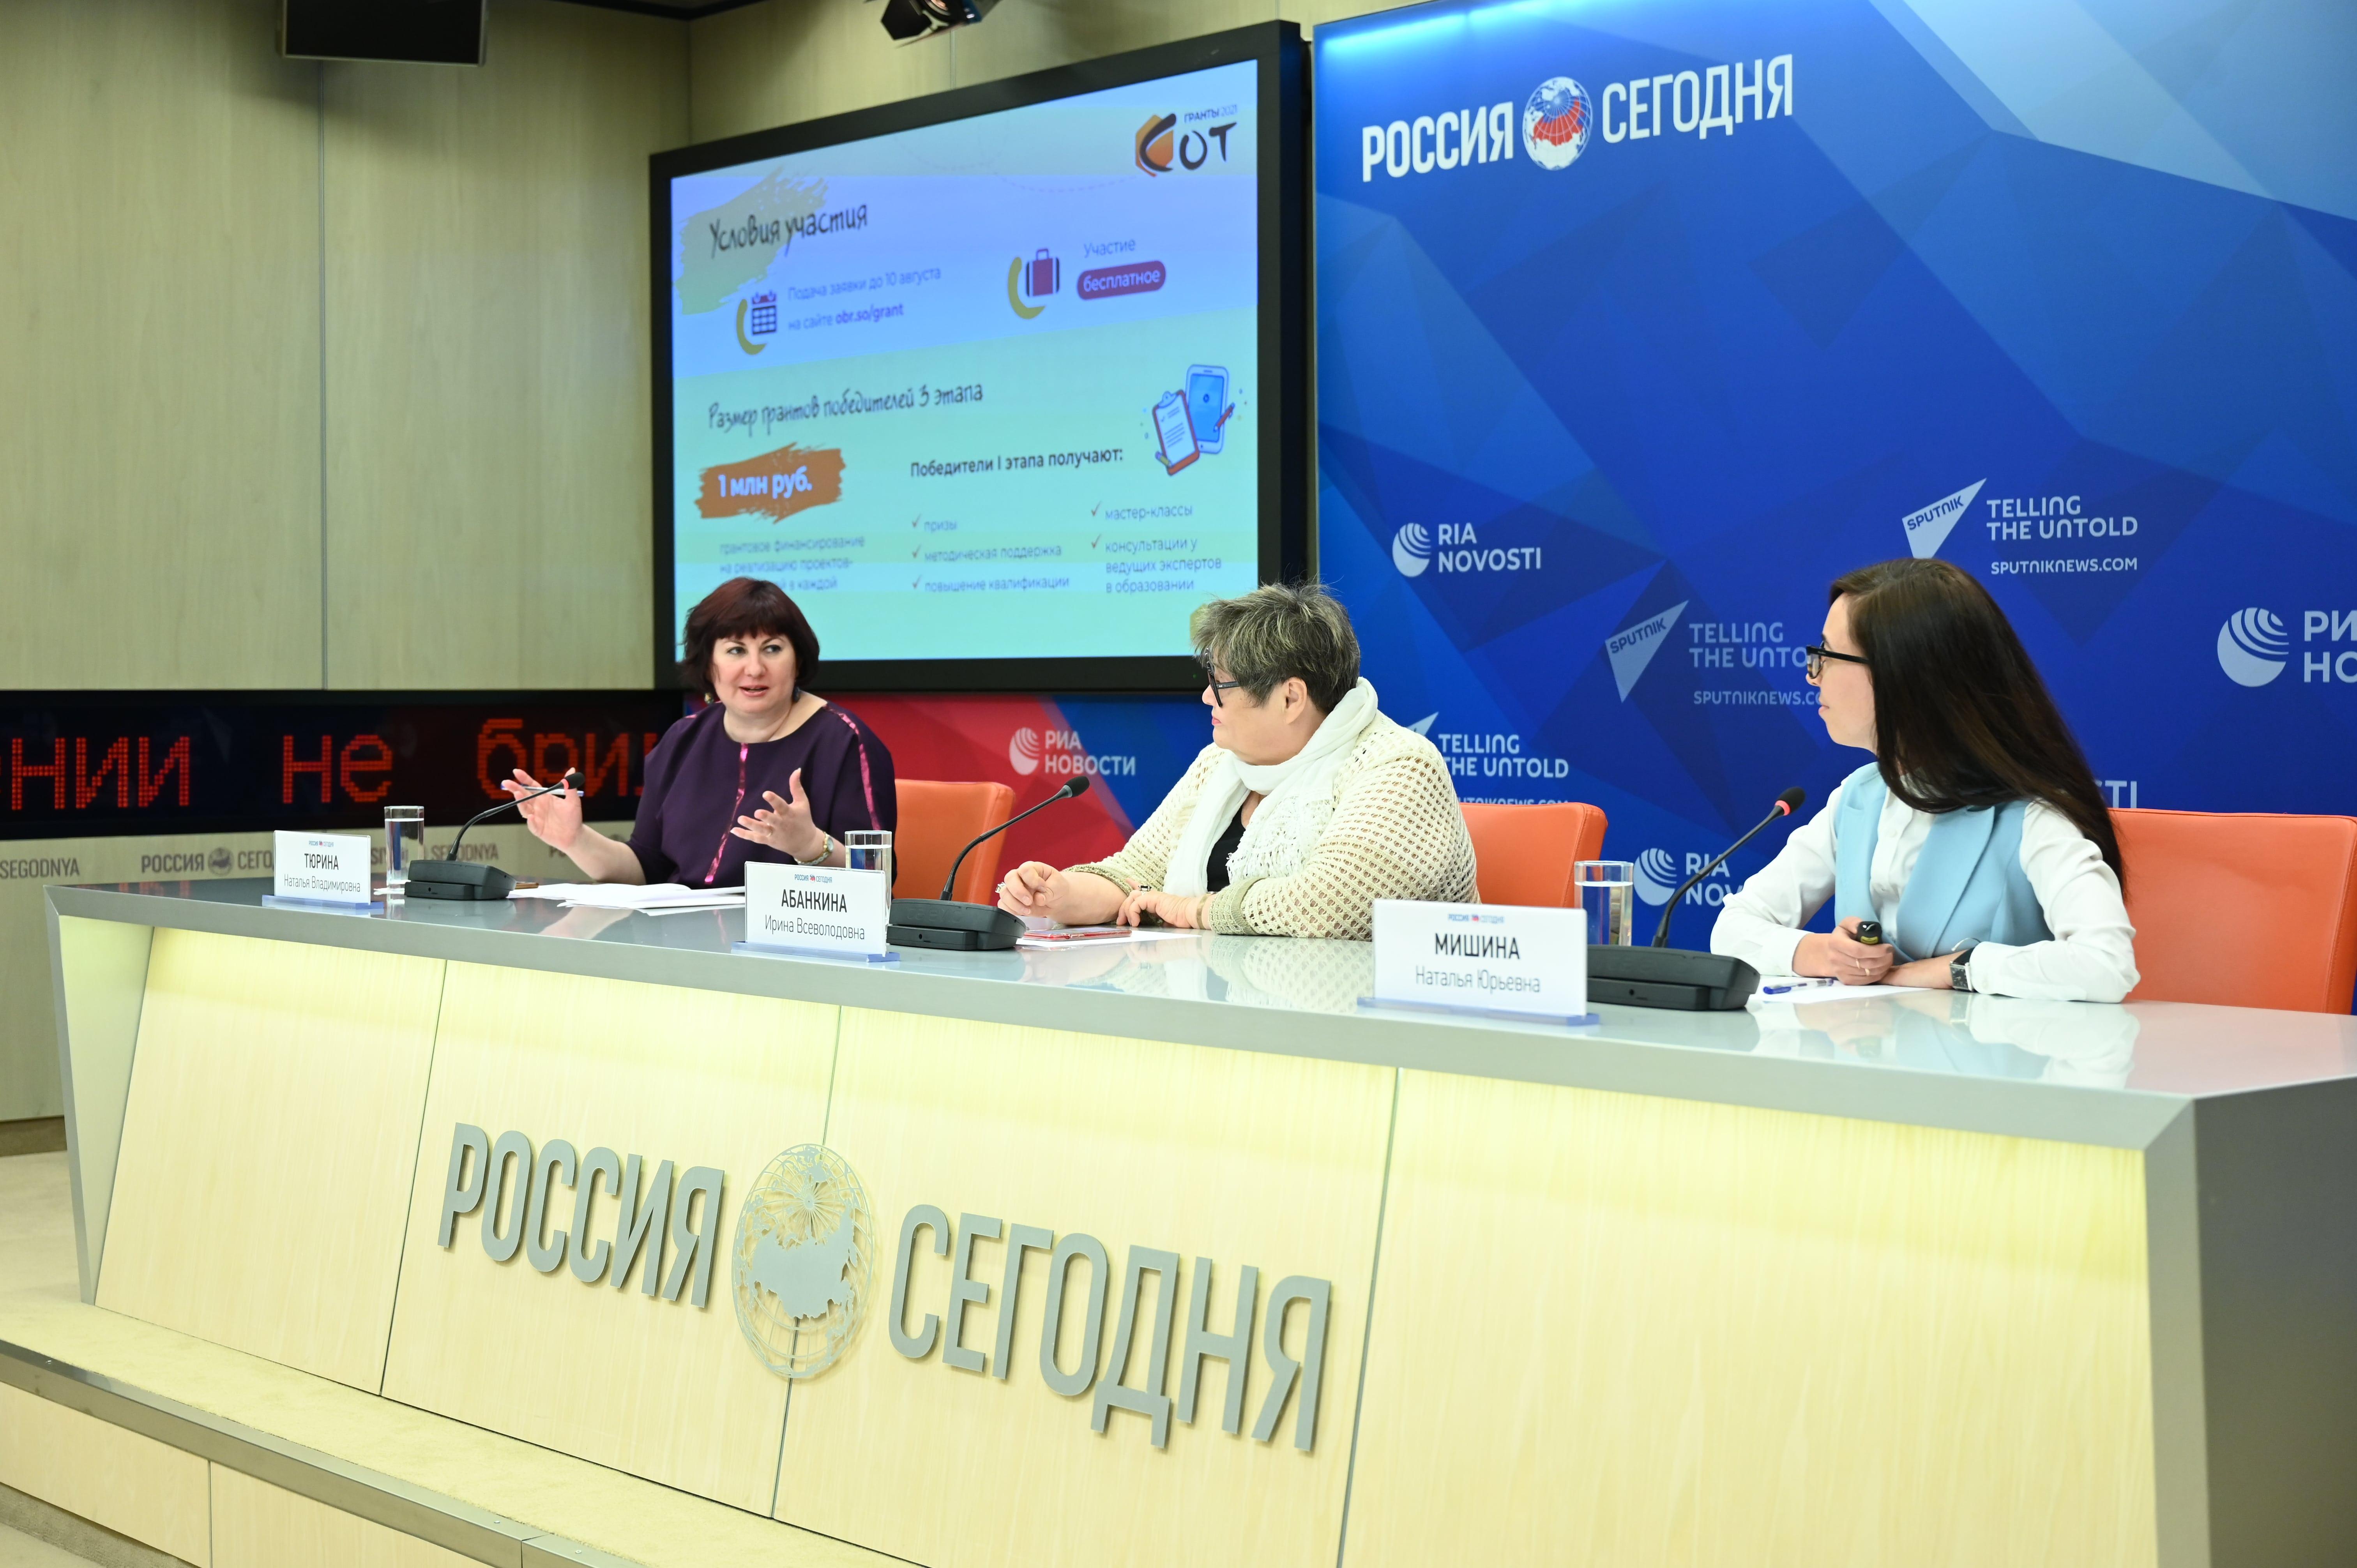 Пресс-конференция Обрсоюза, посвященная запуску конкурса «СОТ»: обсуждение экспертов